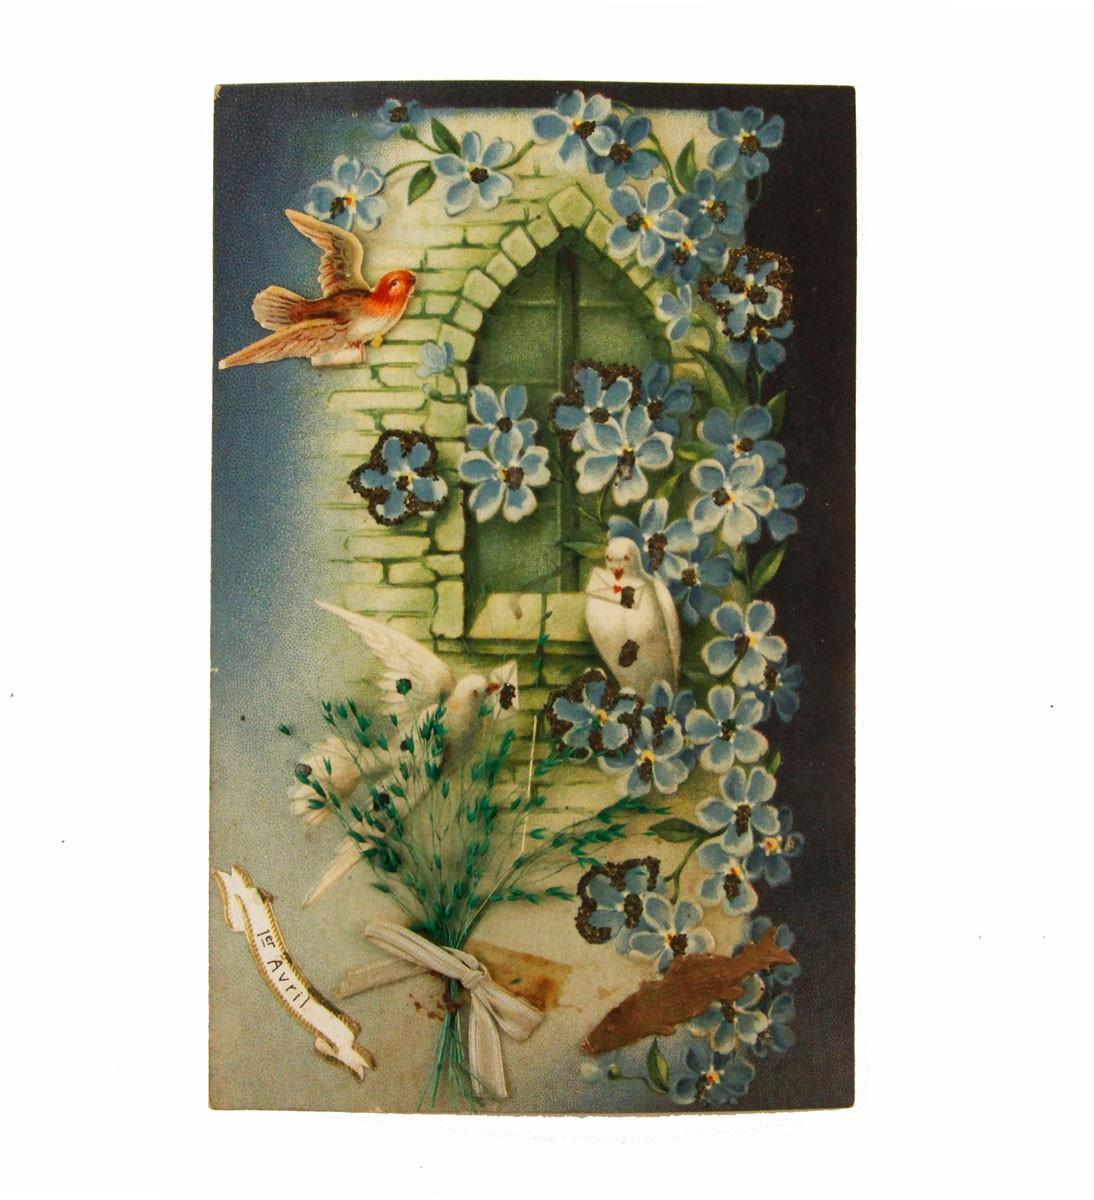 Открытка коллекционная винтажная, ОС33415 почтовая открытка колоризированное изображение франция начало xx века